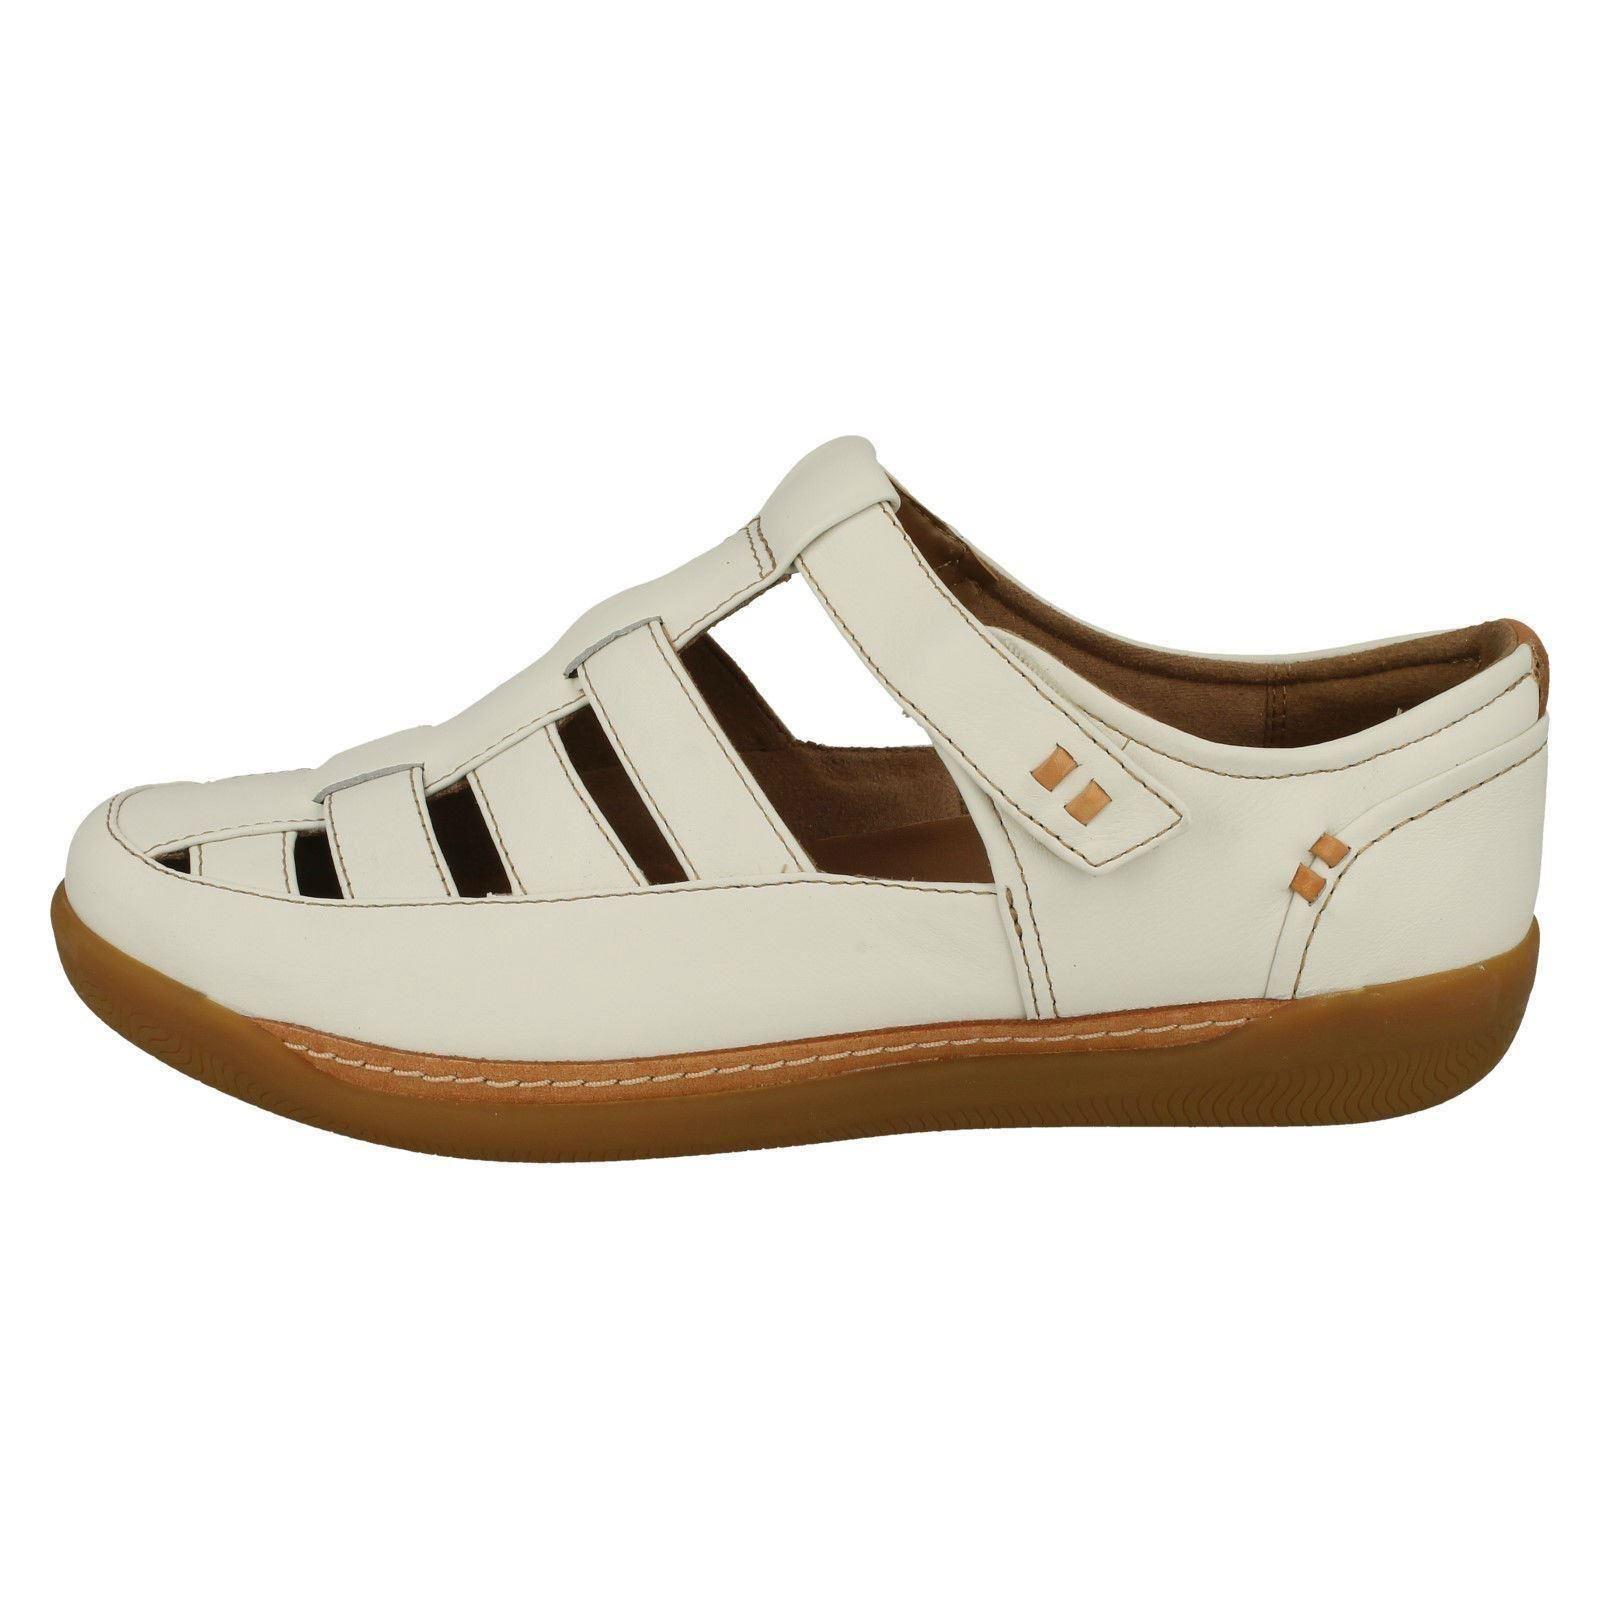 da643c2c248 Ladies-Clarks-Casual-Unstructured-Shoes-Un-Haven-Cove thumbnail